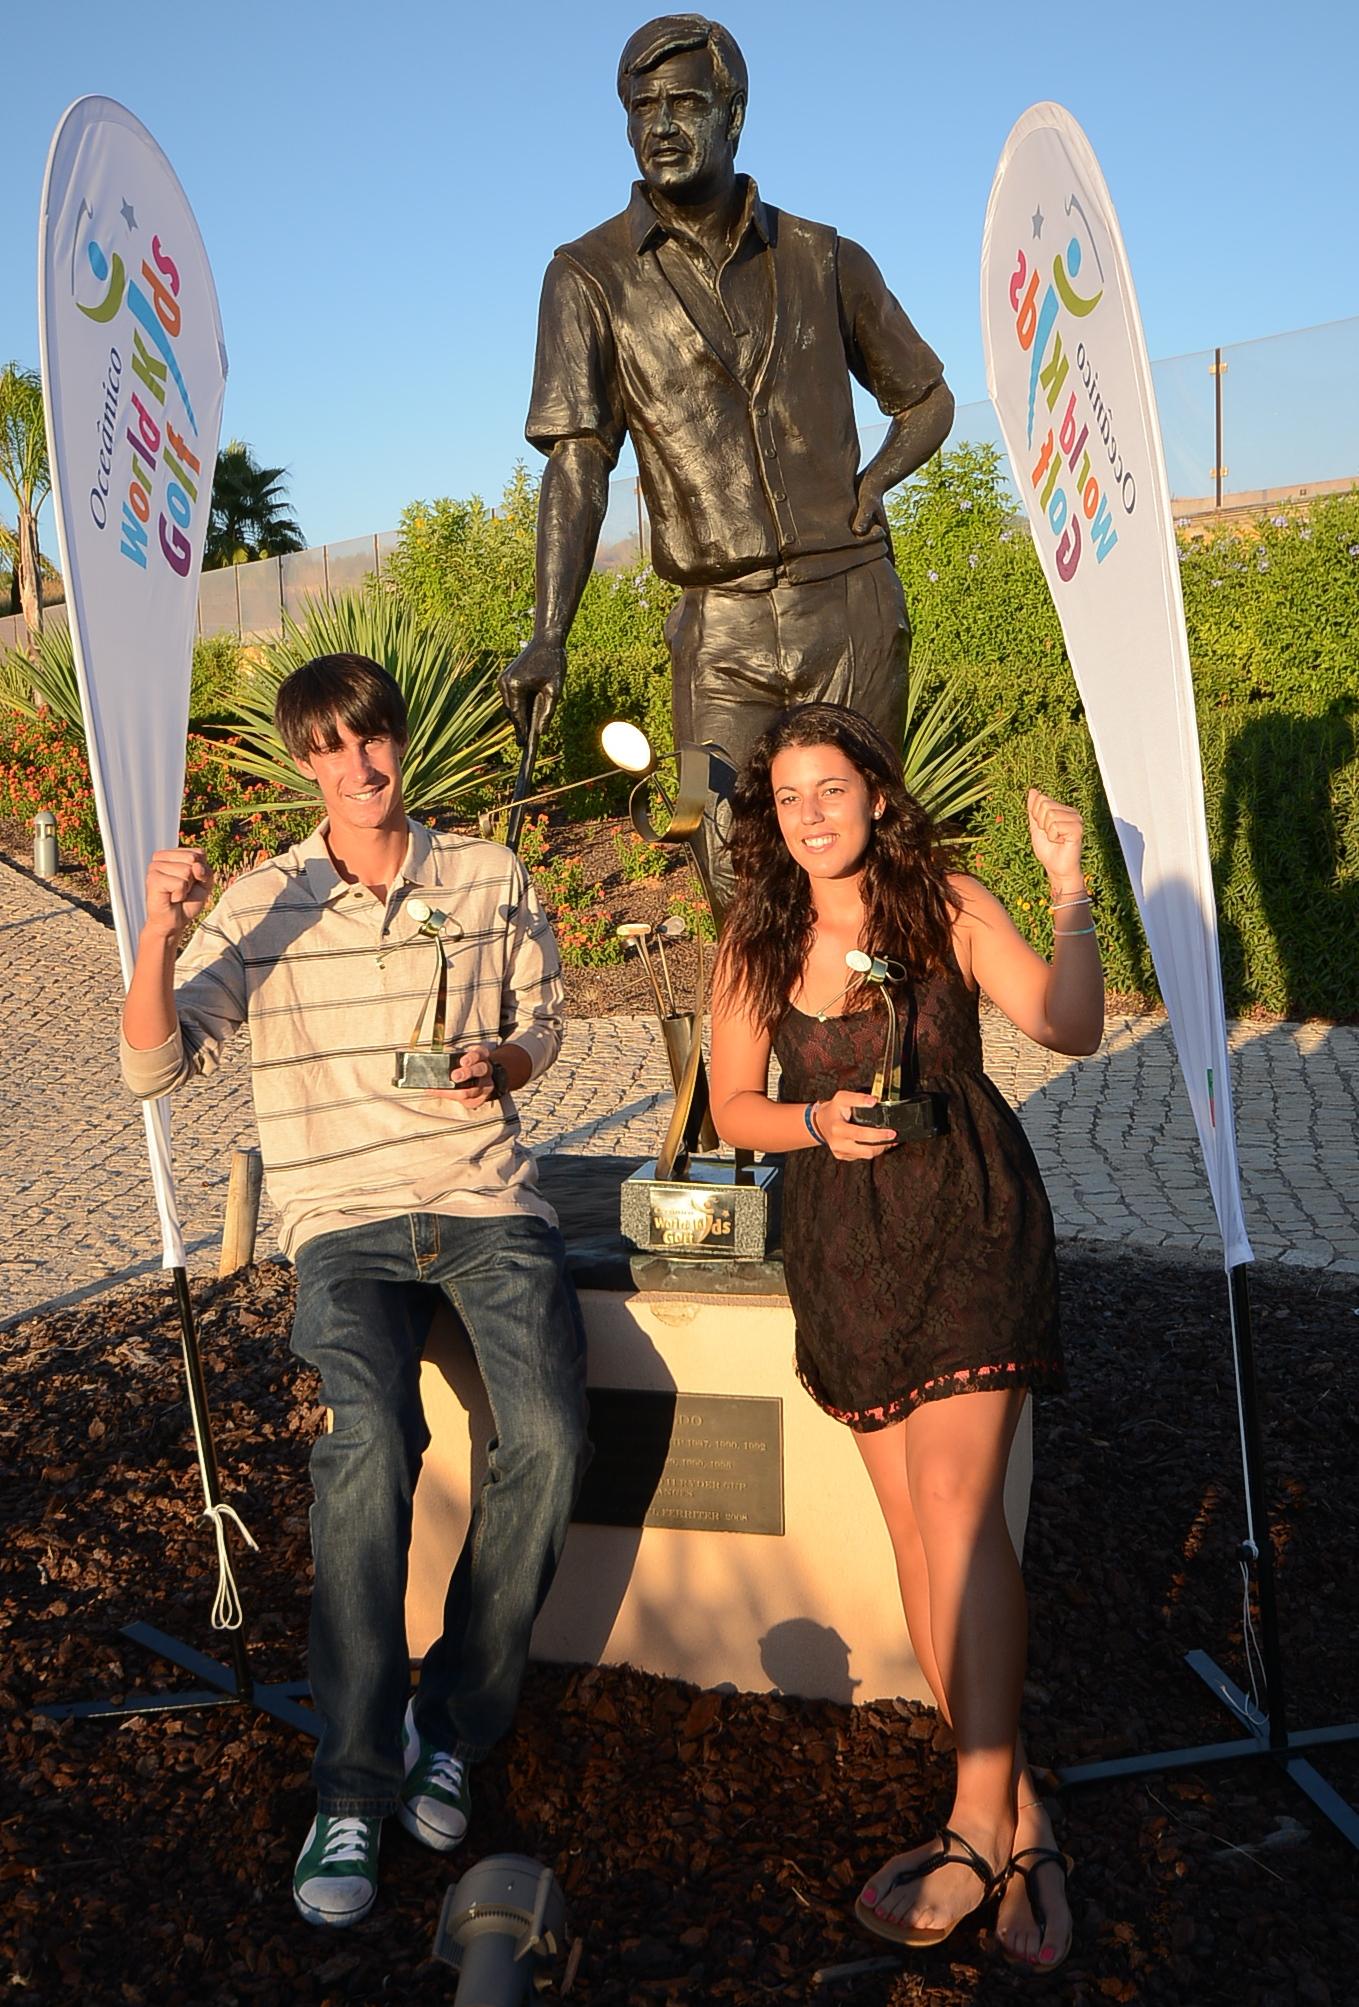 U18 champs Tomás Melo Gouveia and Joana Mota